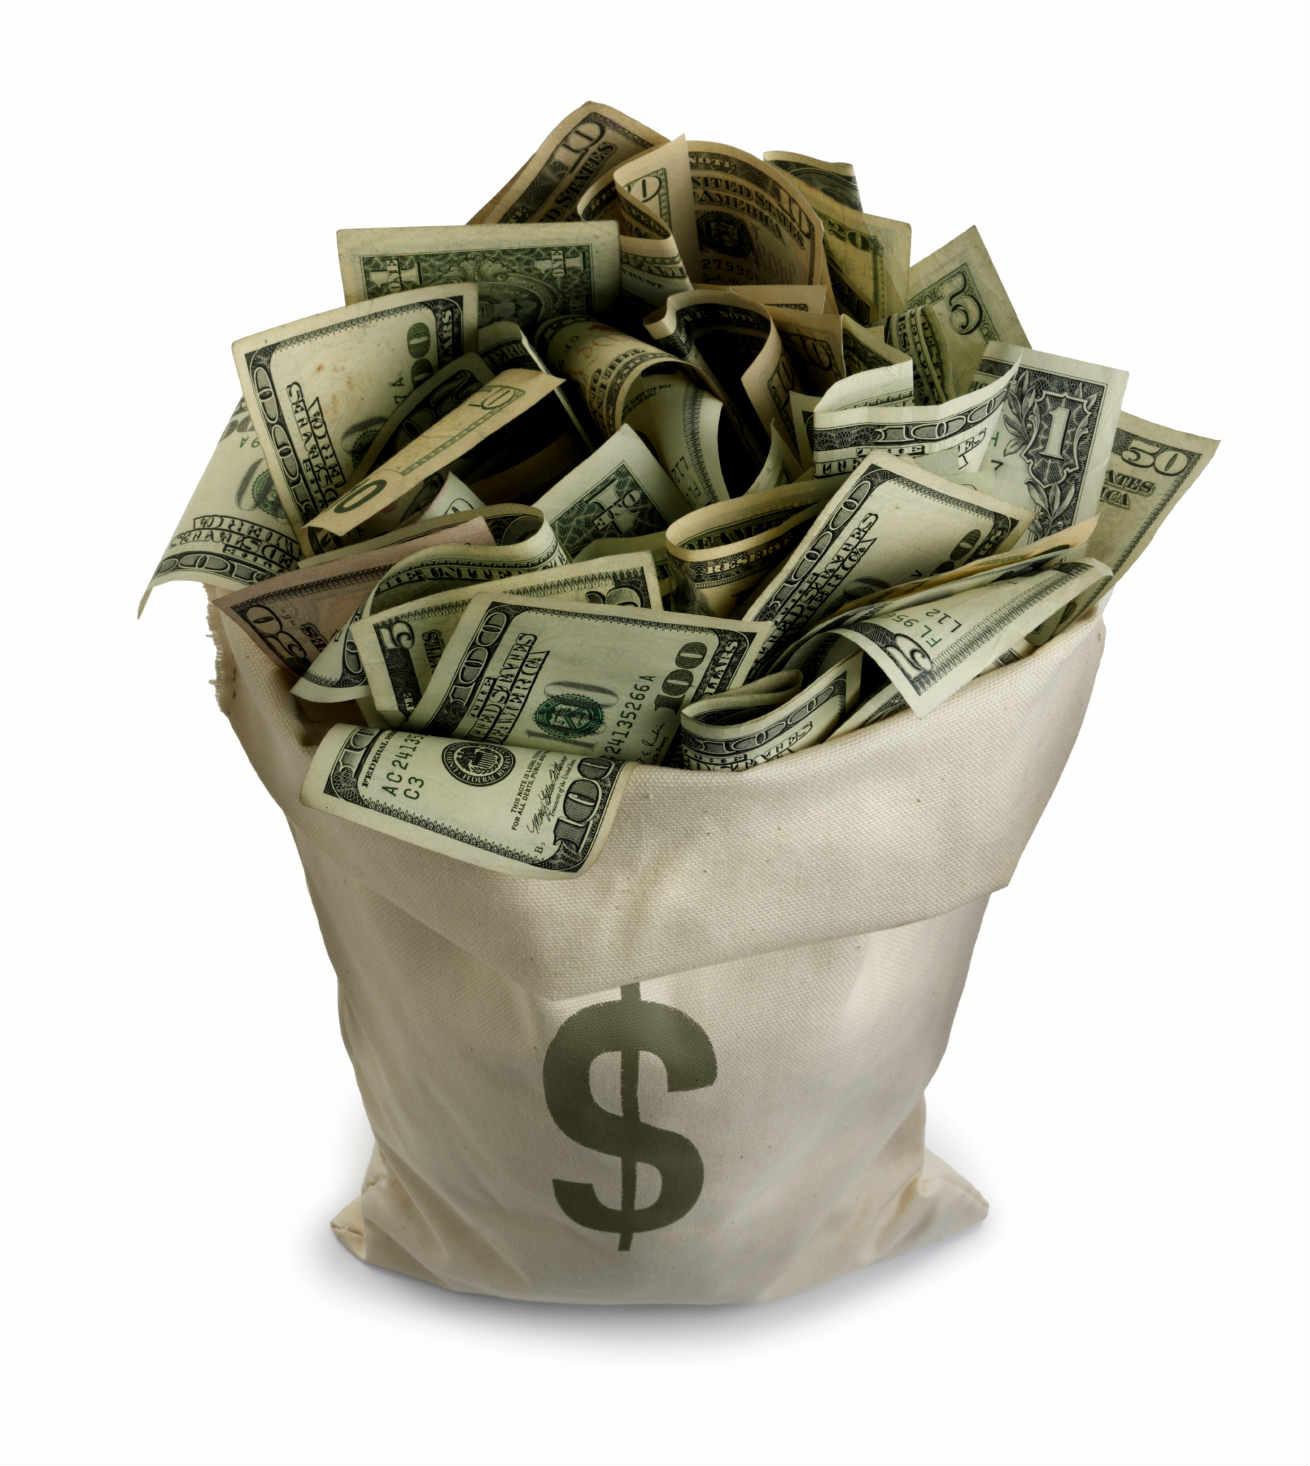 ¿Dónde estará? Una bolsa con 668,000 dólares se pierde en aeropuerto